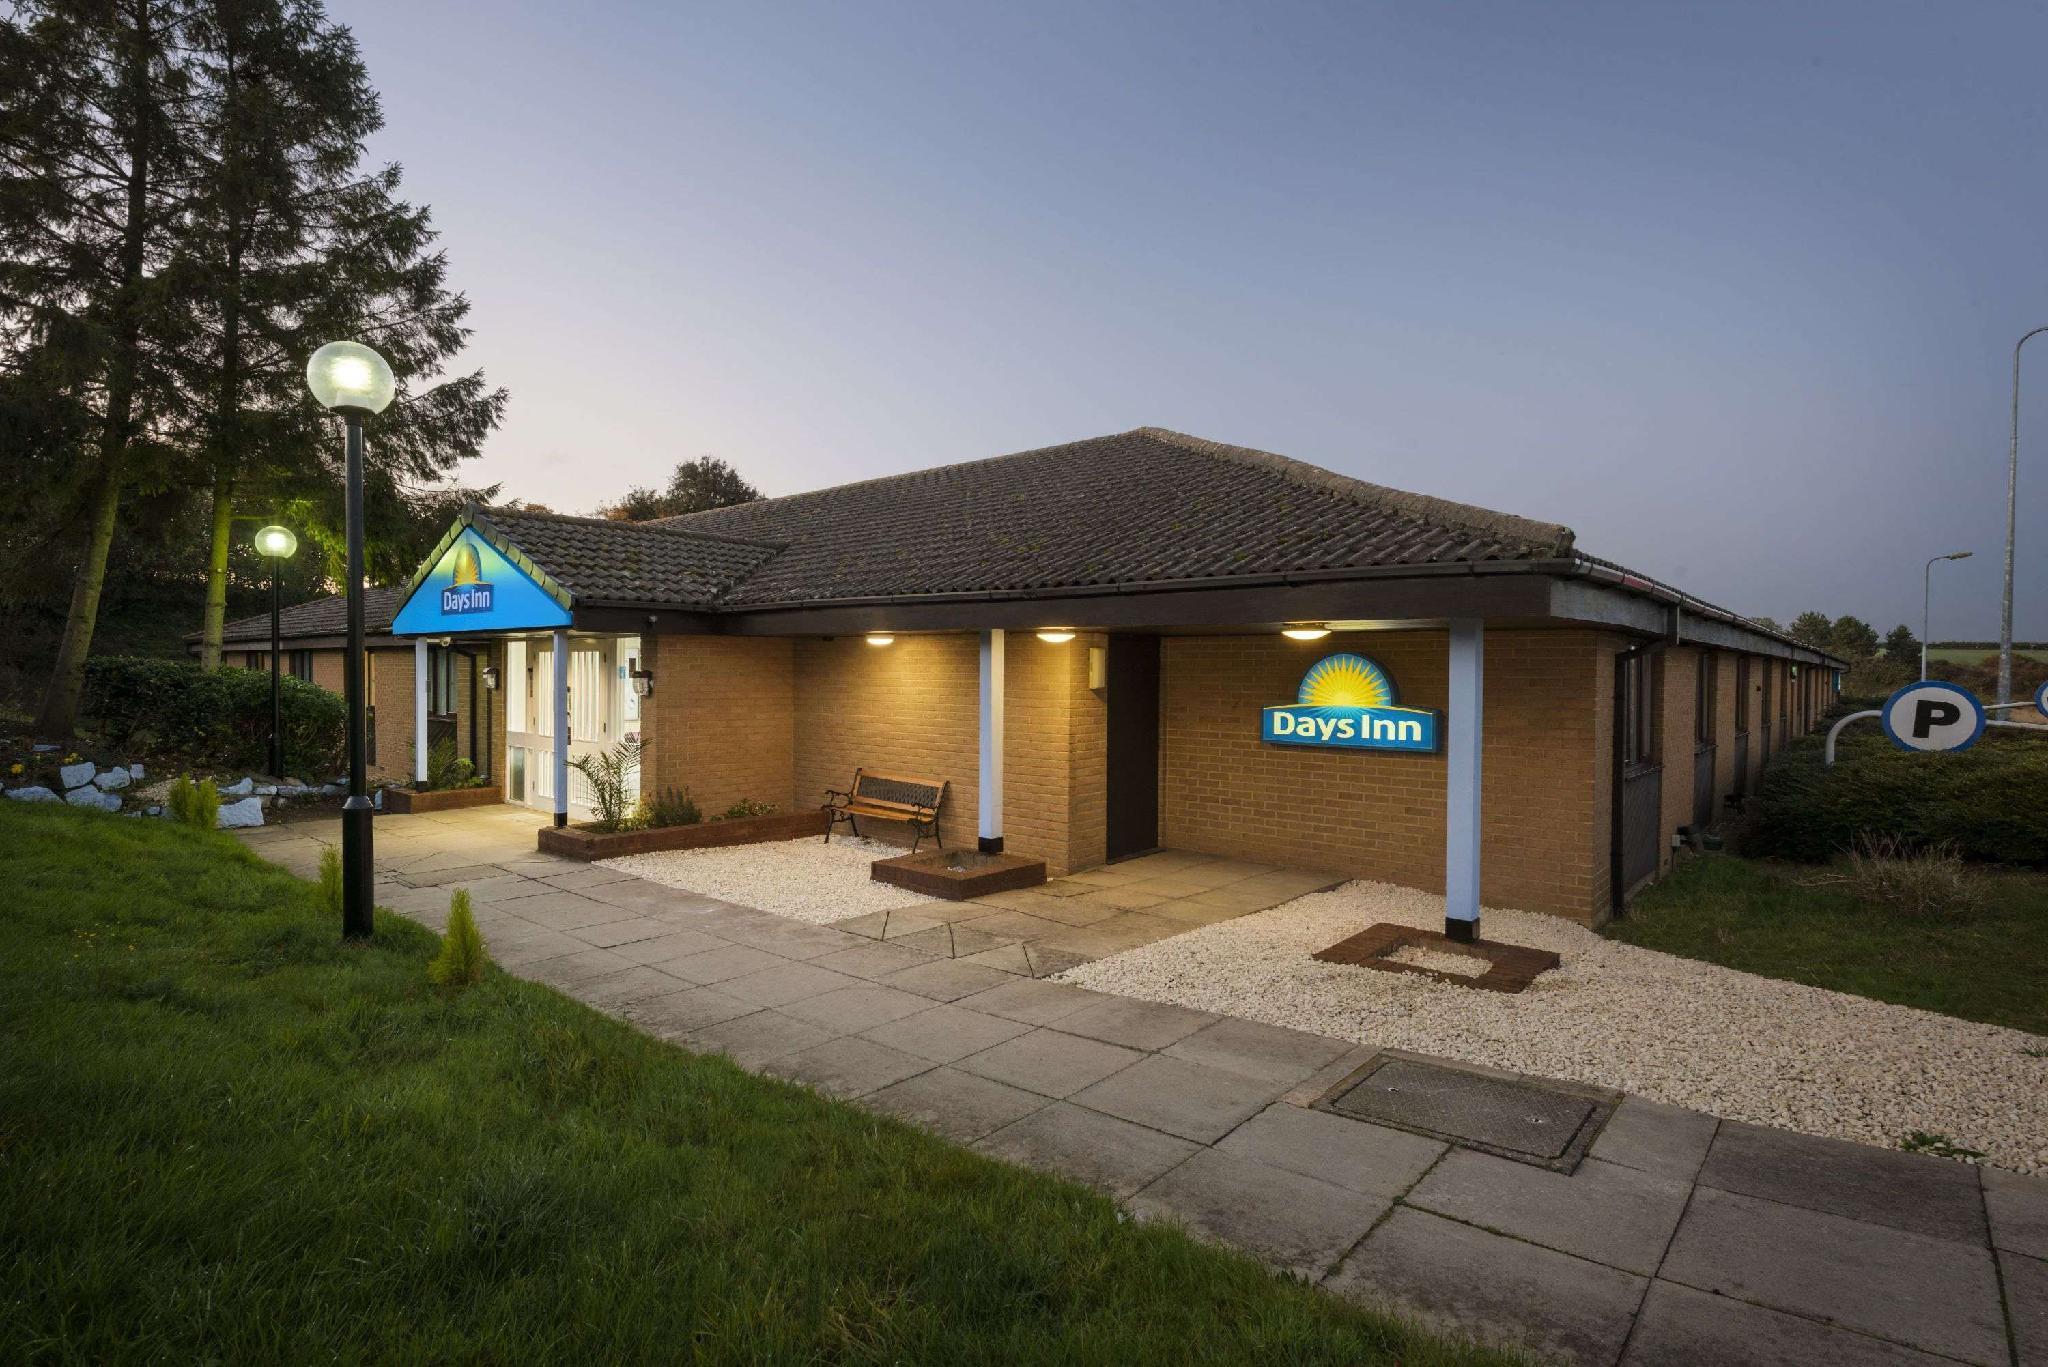 Days Inn by Wyndham Sutton Scotney North, Hampshire